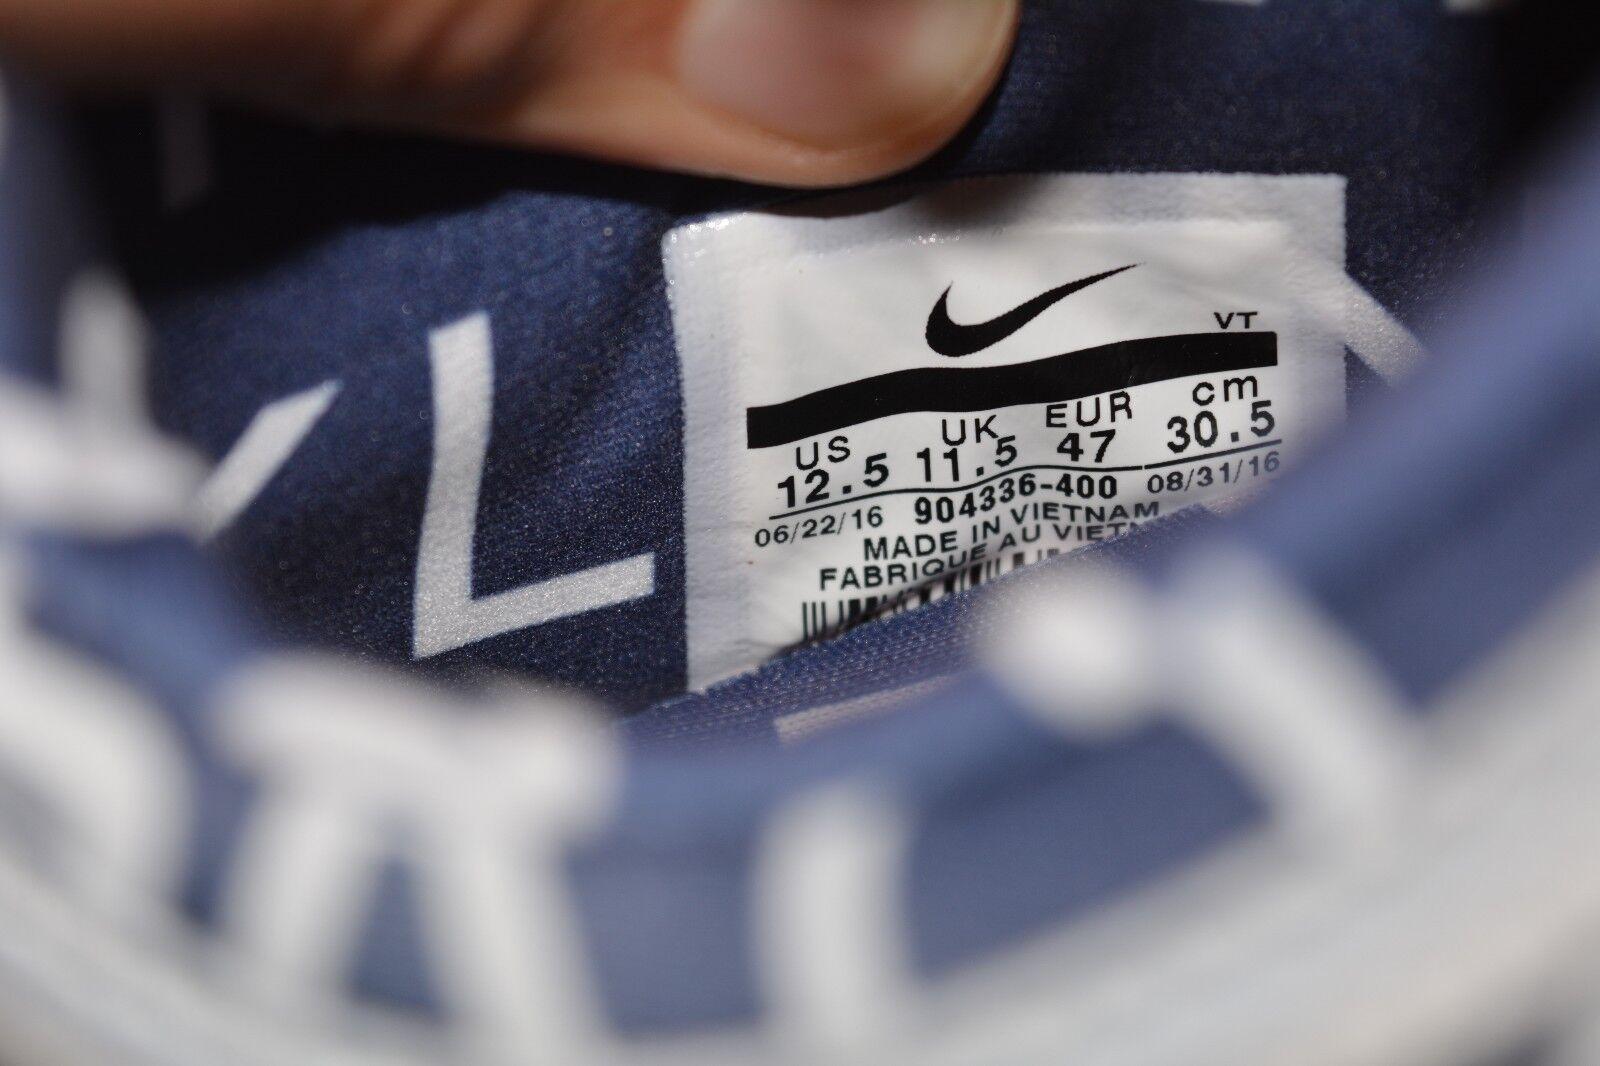 Nike Air Zoom Spiridon '16 GPX Roundel Binary Binary Binary blu Navy Sz US 12.5 904336-400 628f14